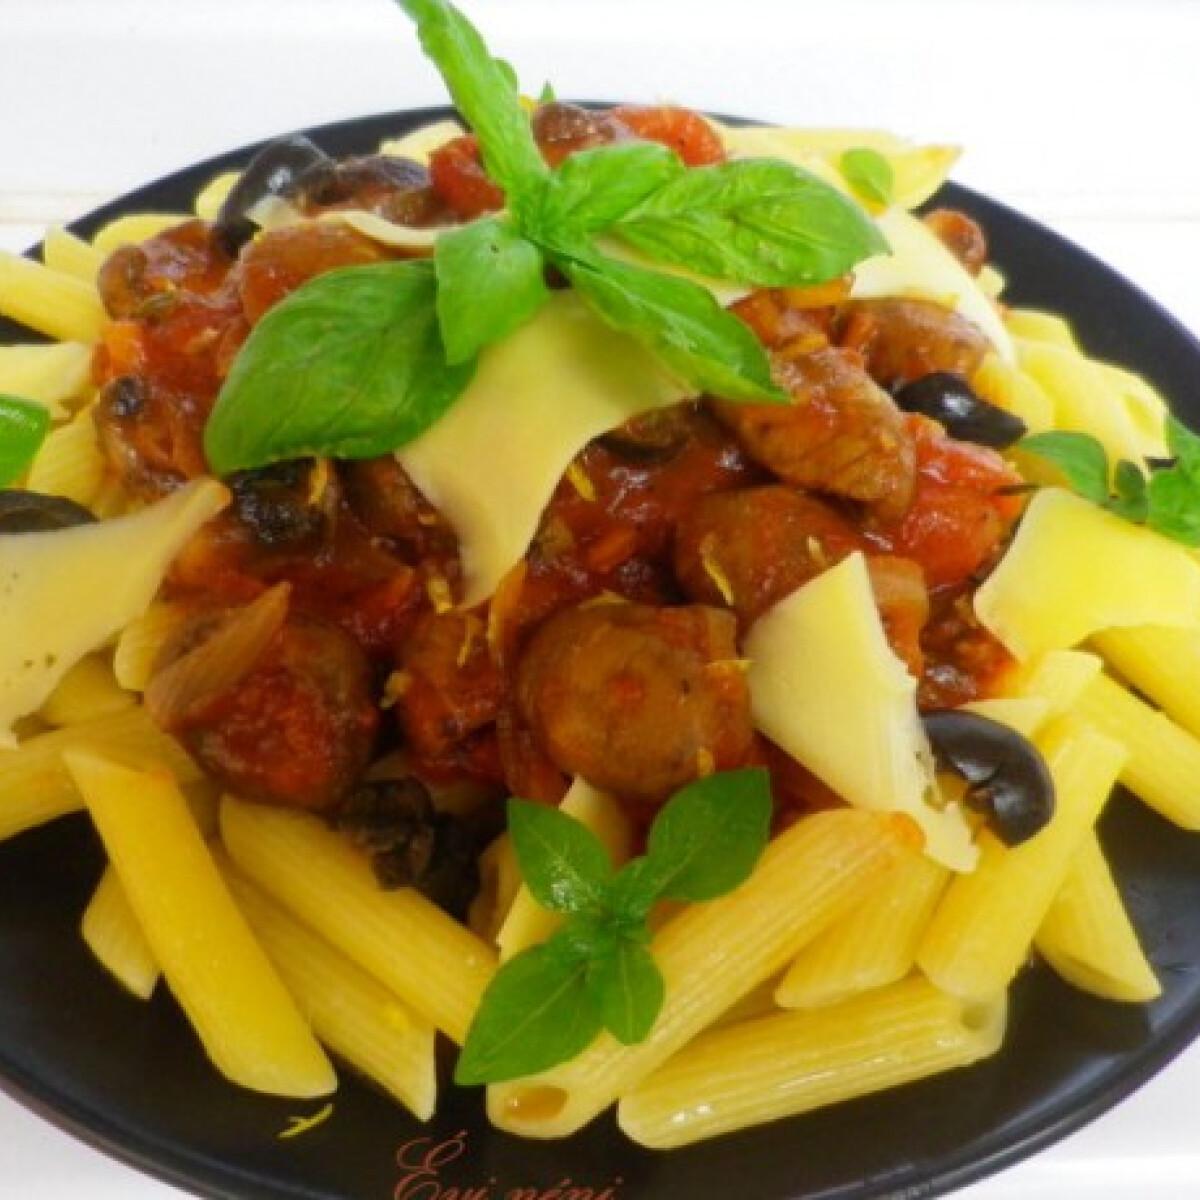 Gyors vegetáriánus ebéd Évi nénitől